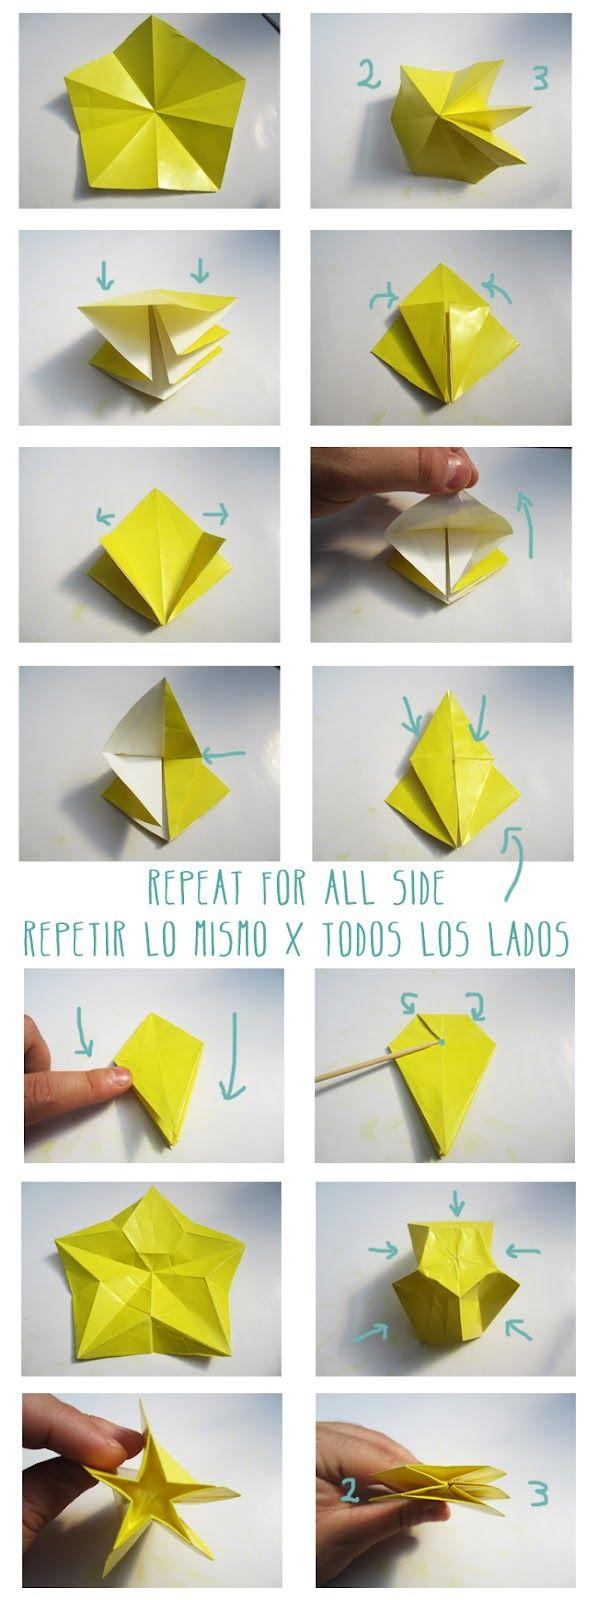 Okato World: Origami's Star Flower